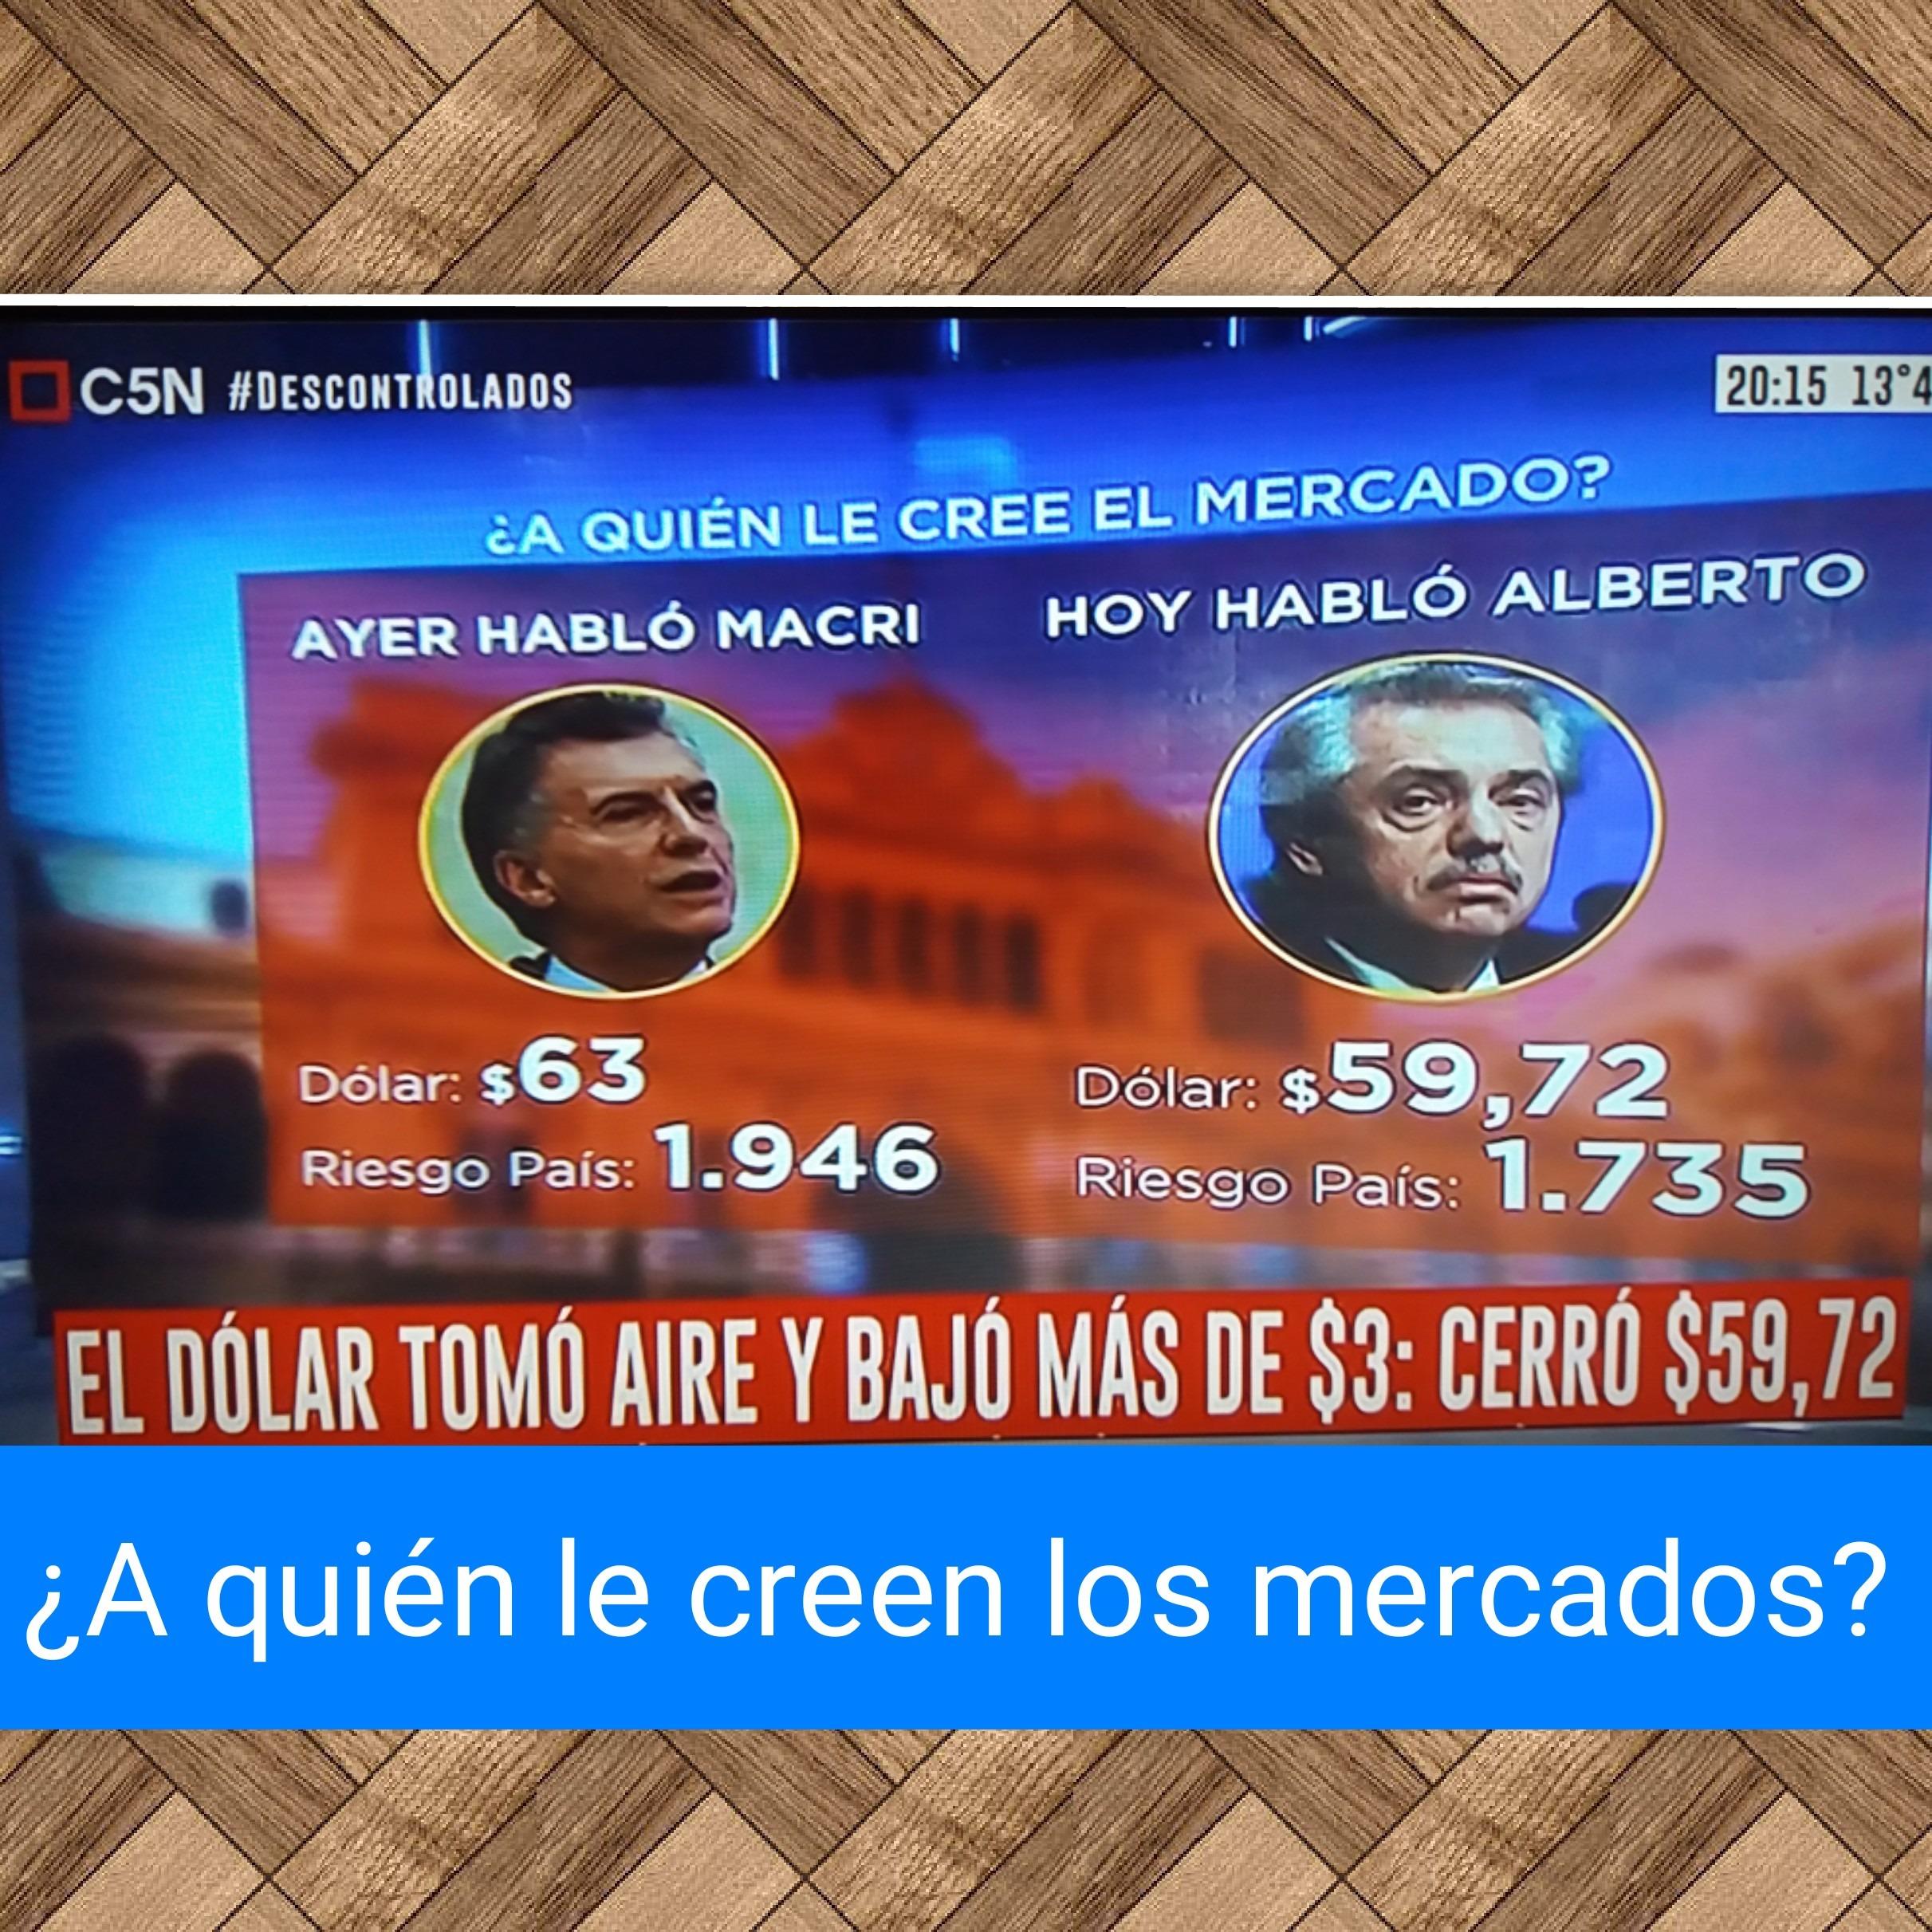 5 motivos por los que perdió Macri